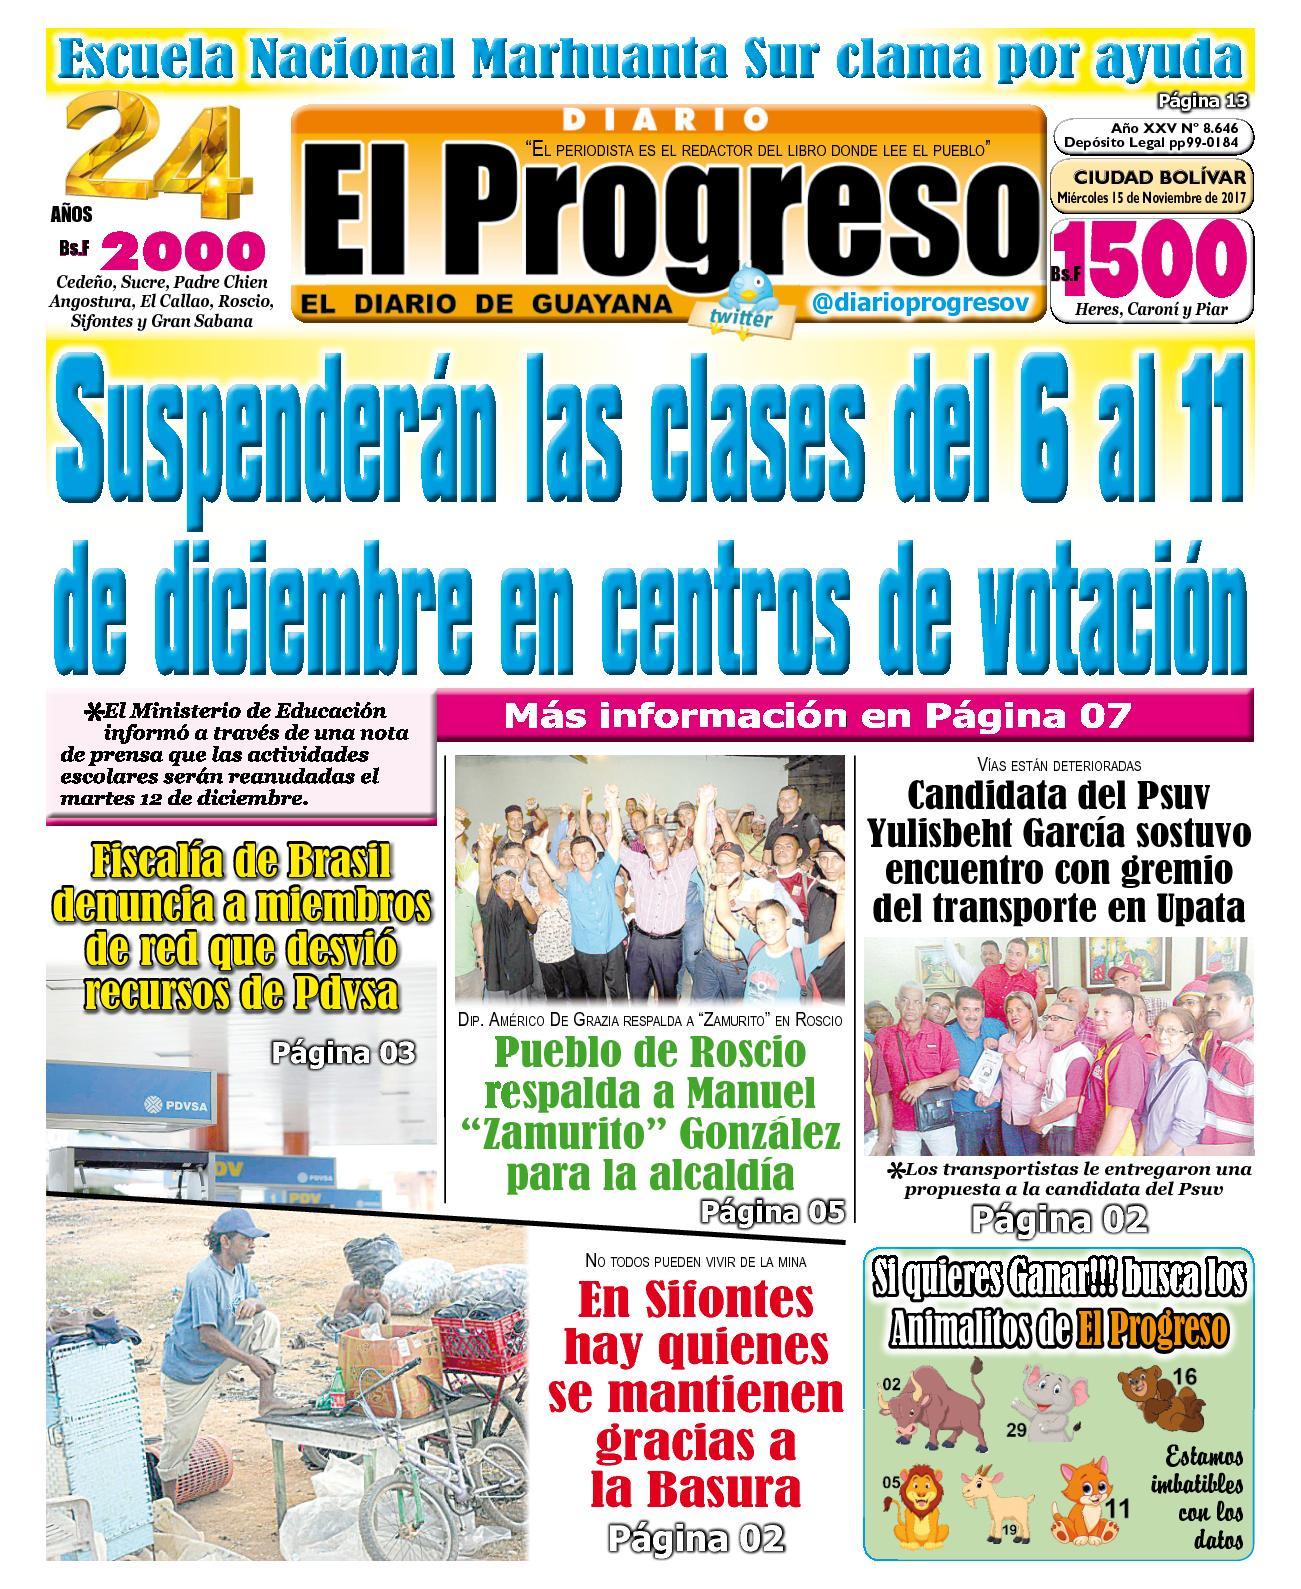 Calaméo - Diarioelprogreso2017 11 15